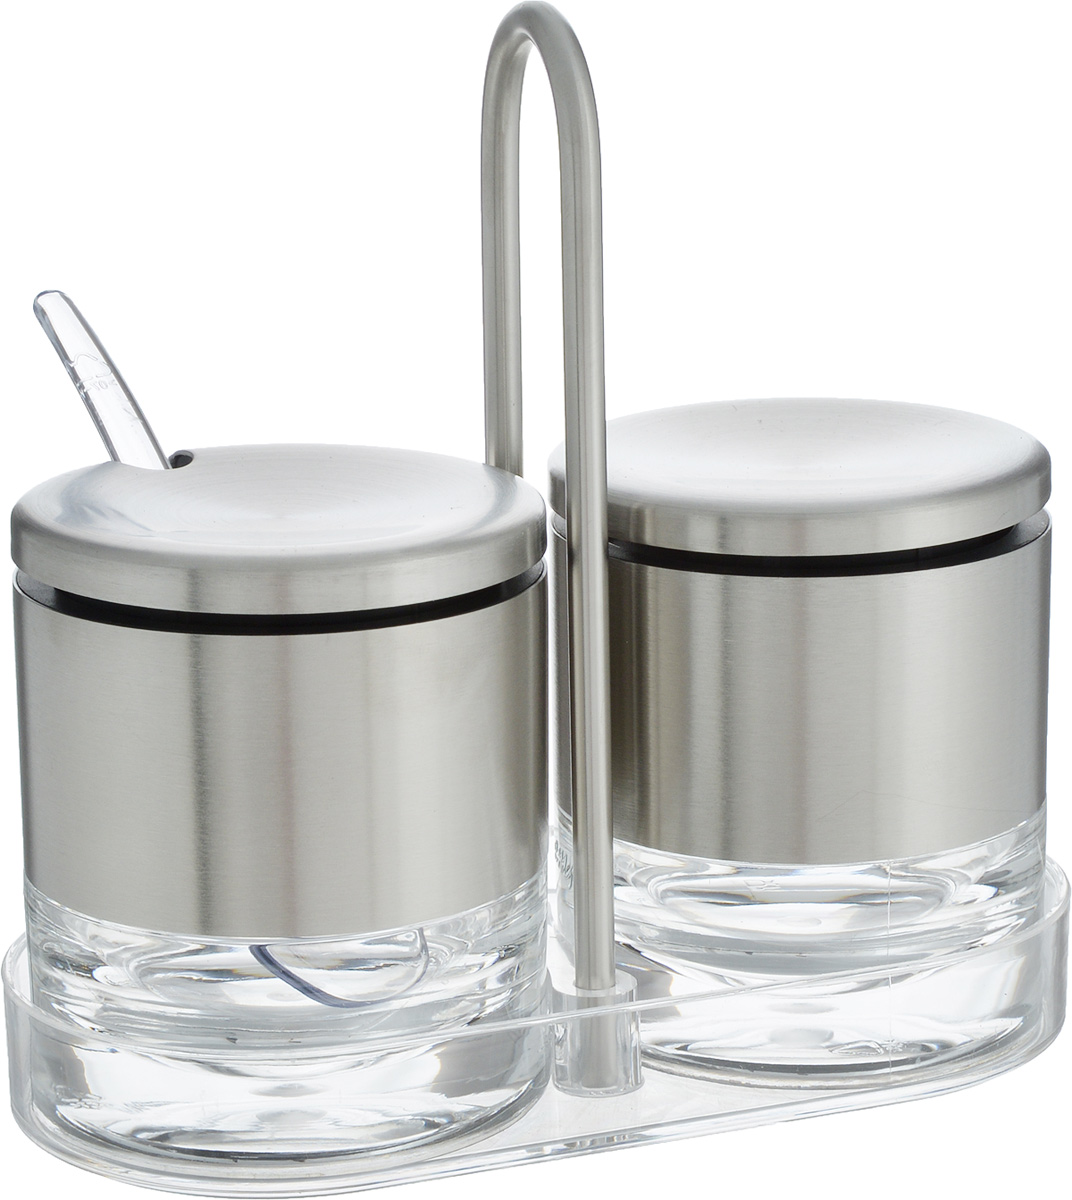 Набор Emsa Accenta, для сливок и сахара, 4 предмета504675Набор Emsa Accenta изготовлен из стекла, пластика и нержавеющей стали. Он состоит из двух емкостей: для сливок и сахара, а так же подставки и чайной ложки. Такой набор отлично впишется в любой интерьер.Размер емкости: 7 х 7 х 8 см.Длина ложки: 12 см.Размер подставки: 15 х 7,5 х 14 см.